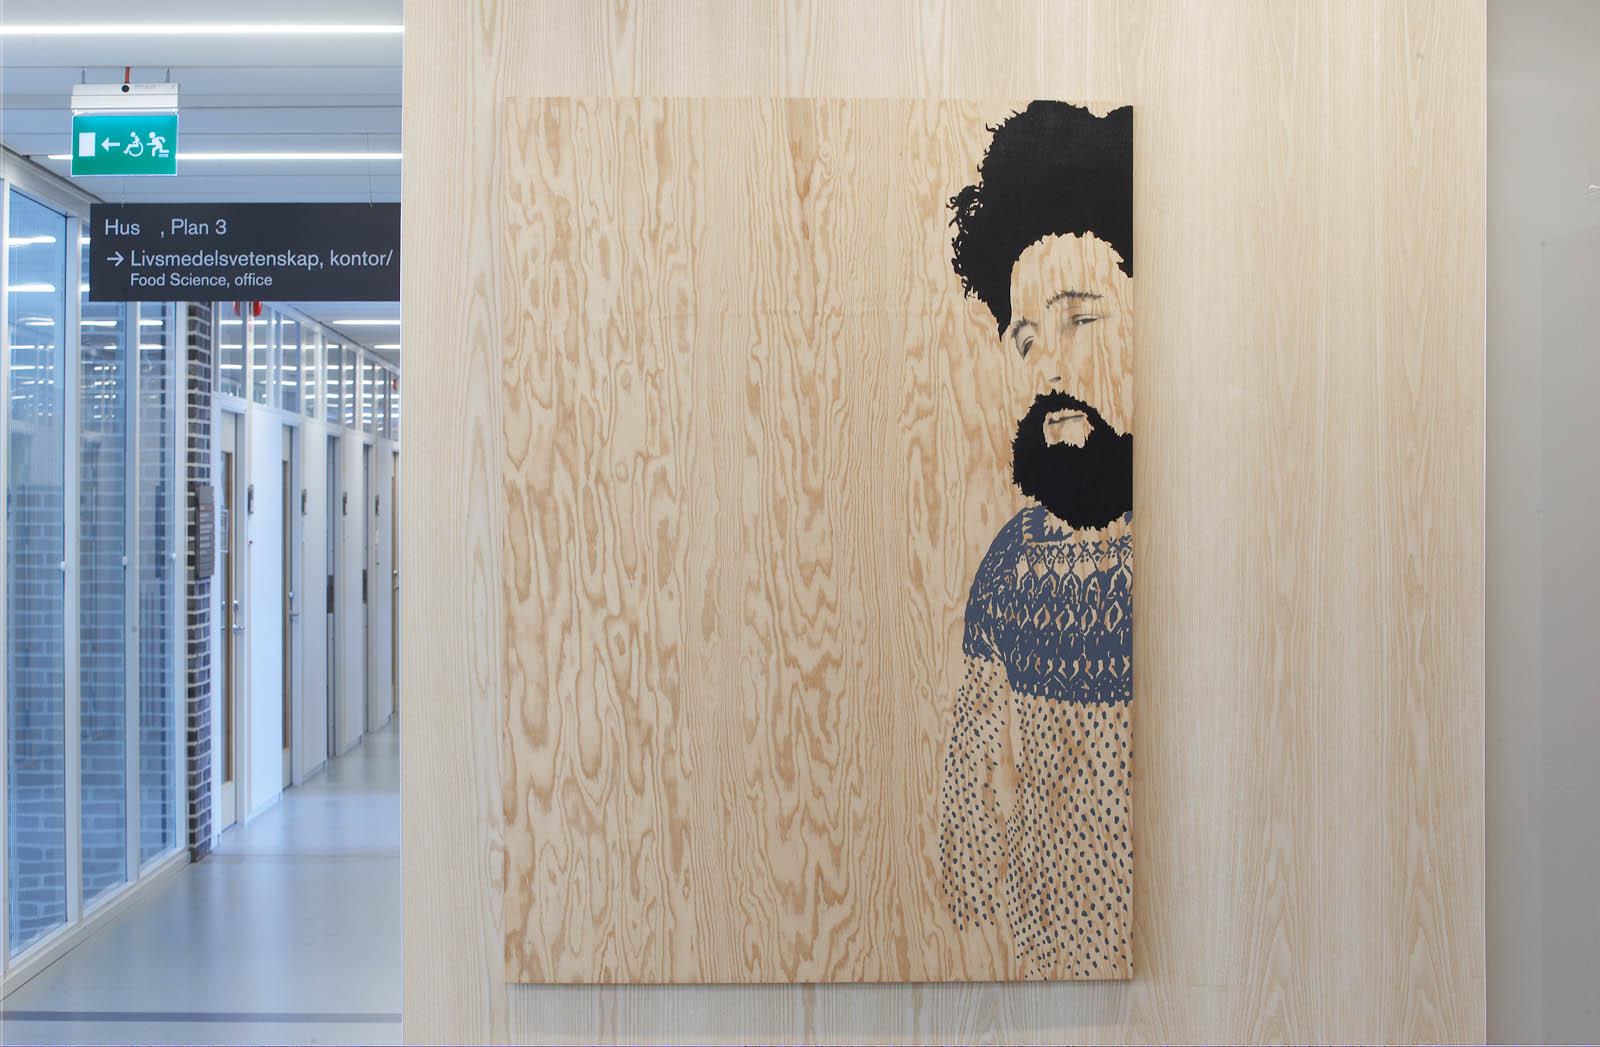 Korridor och trävägg med tavla målad på trä, av en man i kofta med kraftigt hår och skägg. Robert Lucander, 13 målningar